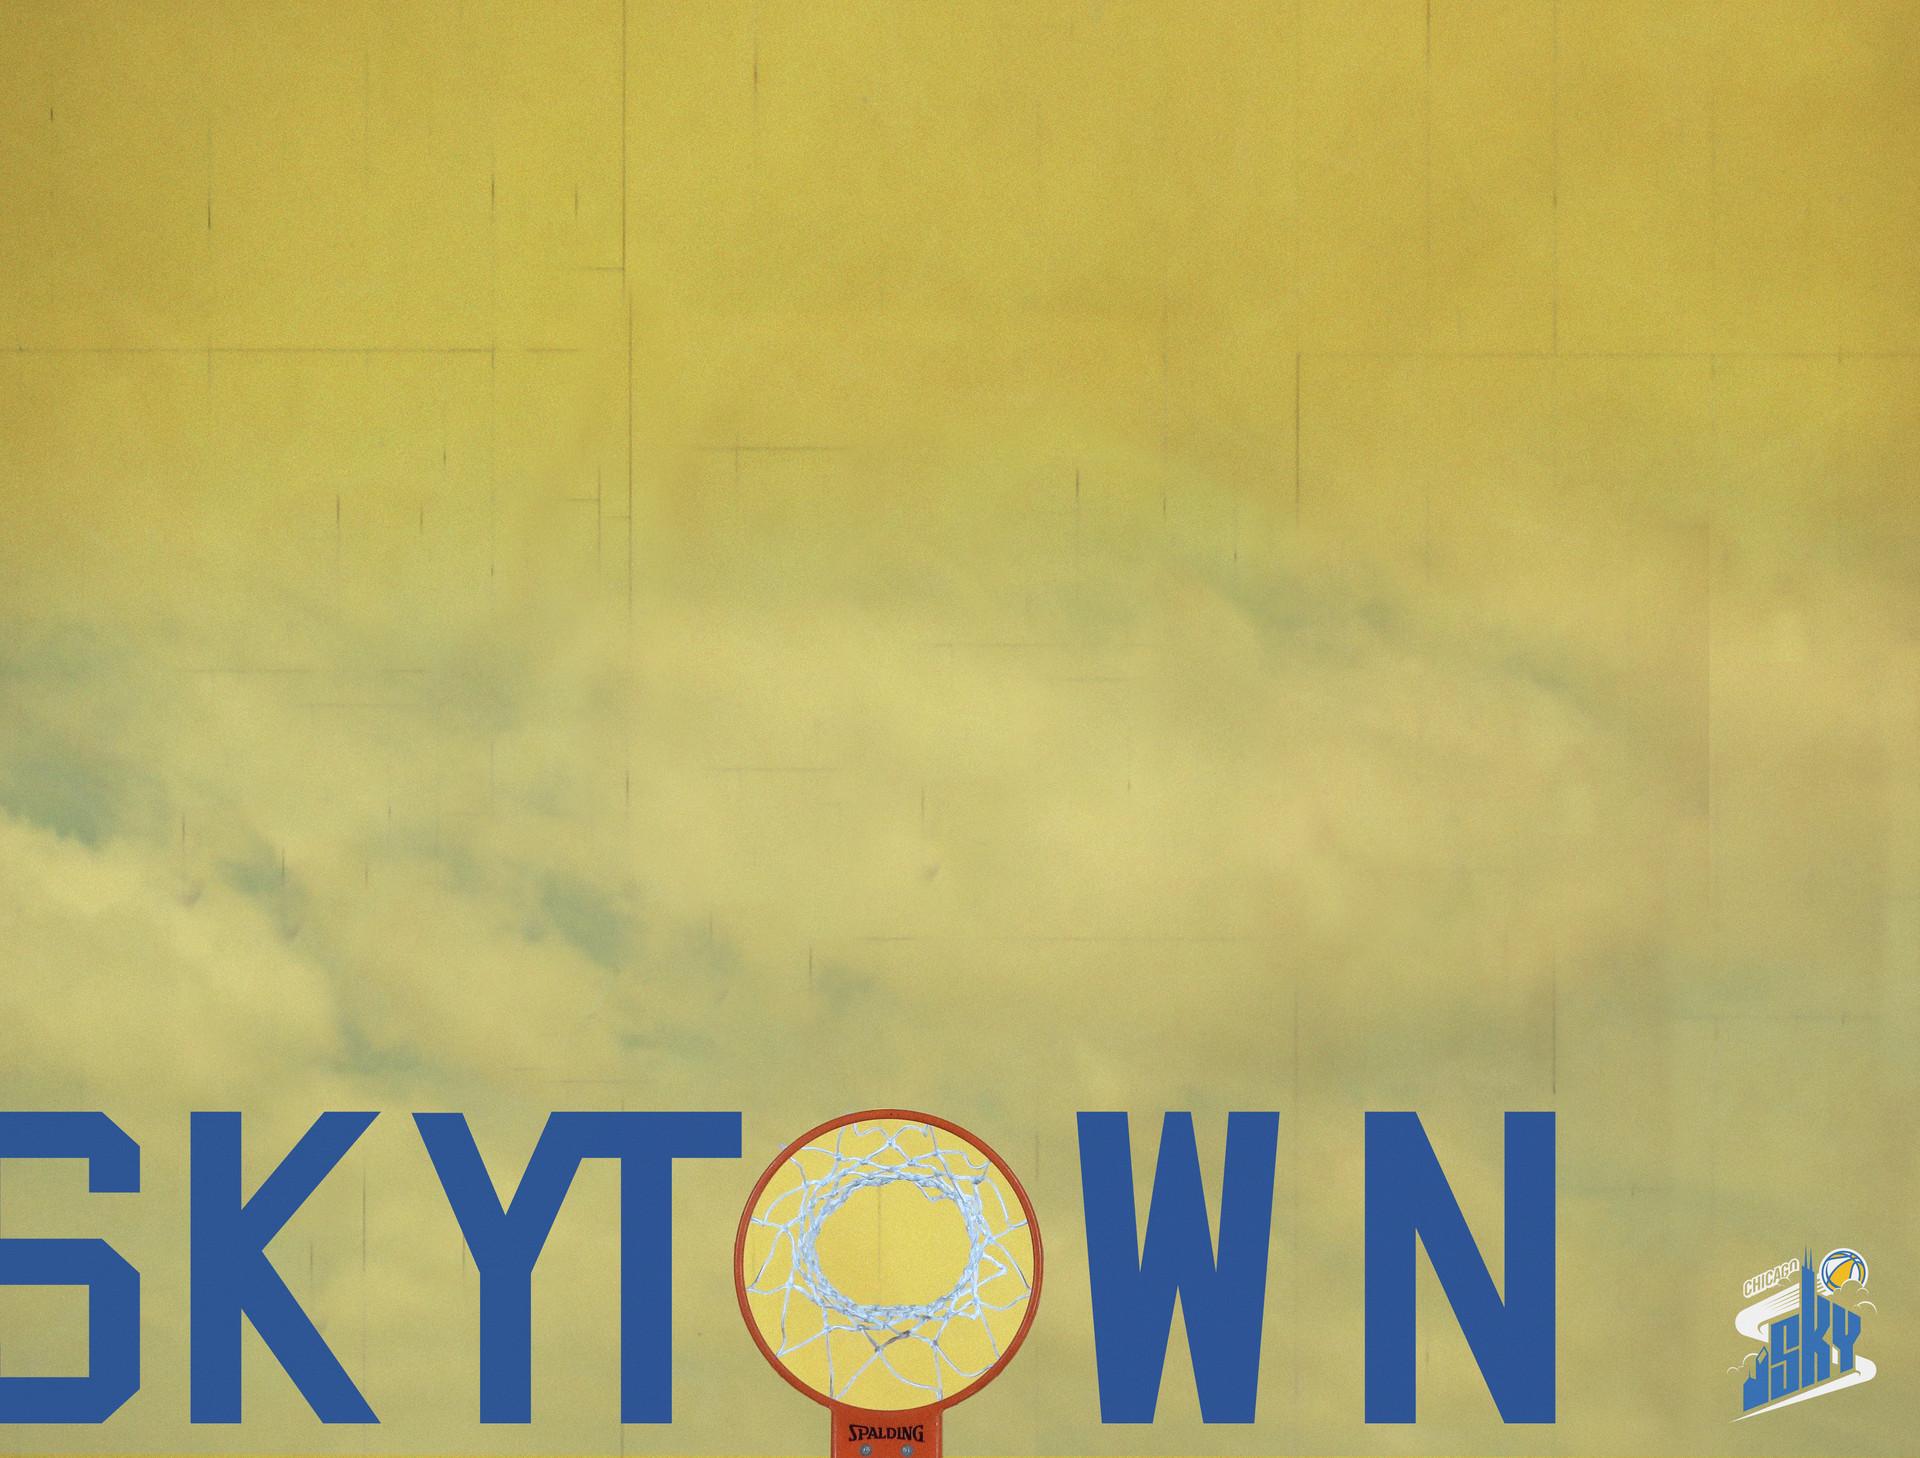 SKYTOWN